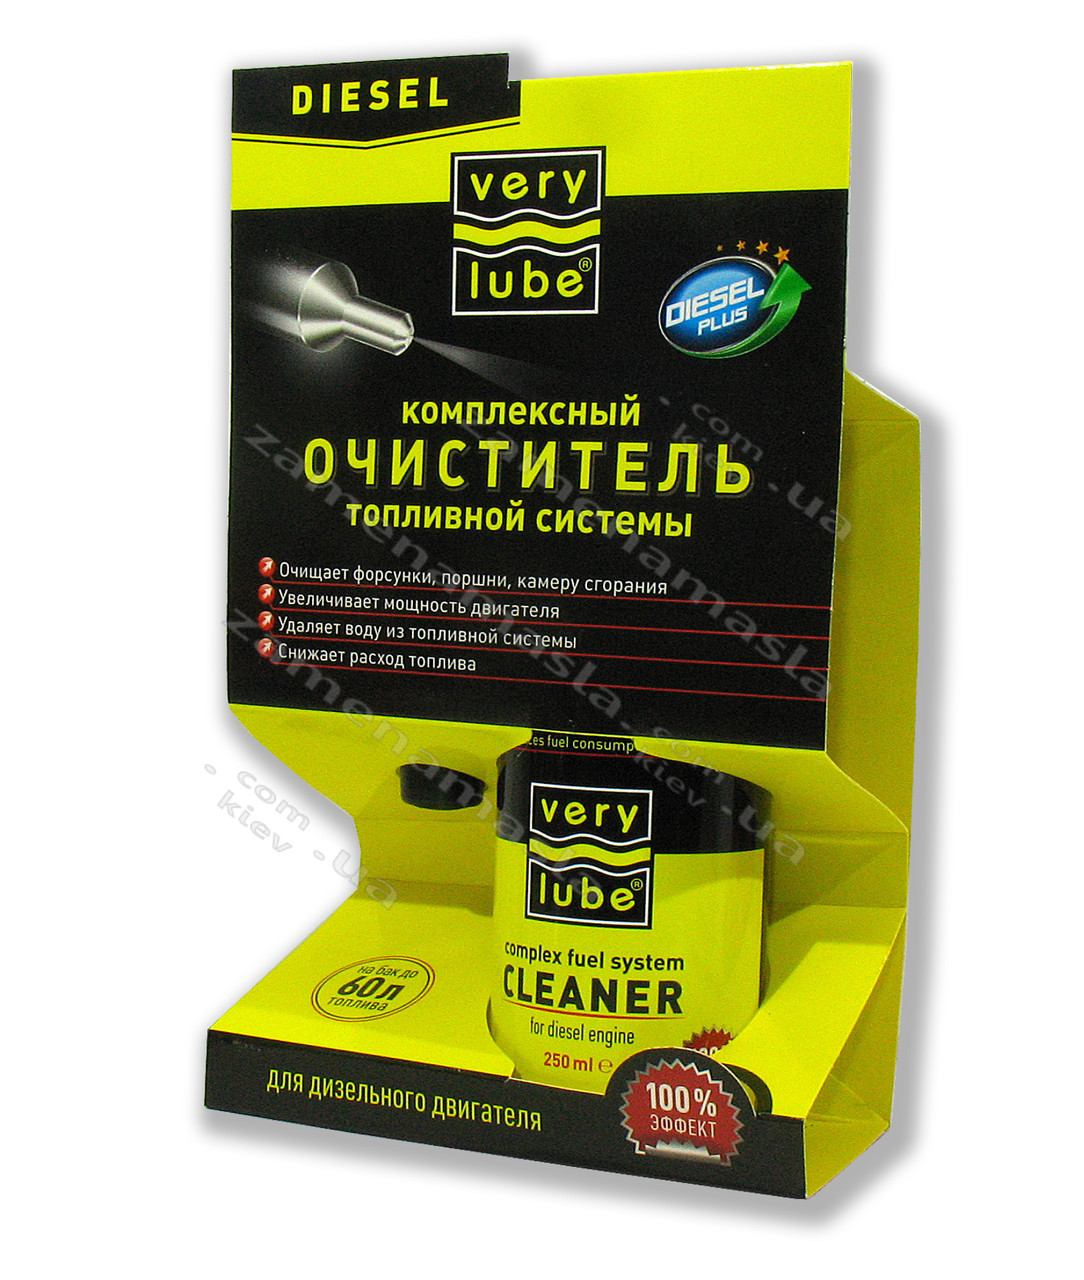 Verylube - комплексный очиститель топливной системы (дизель)